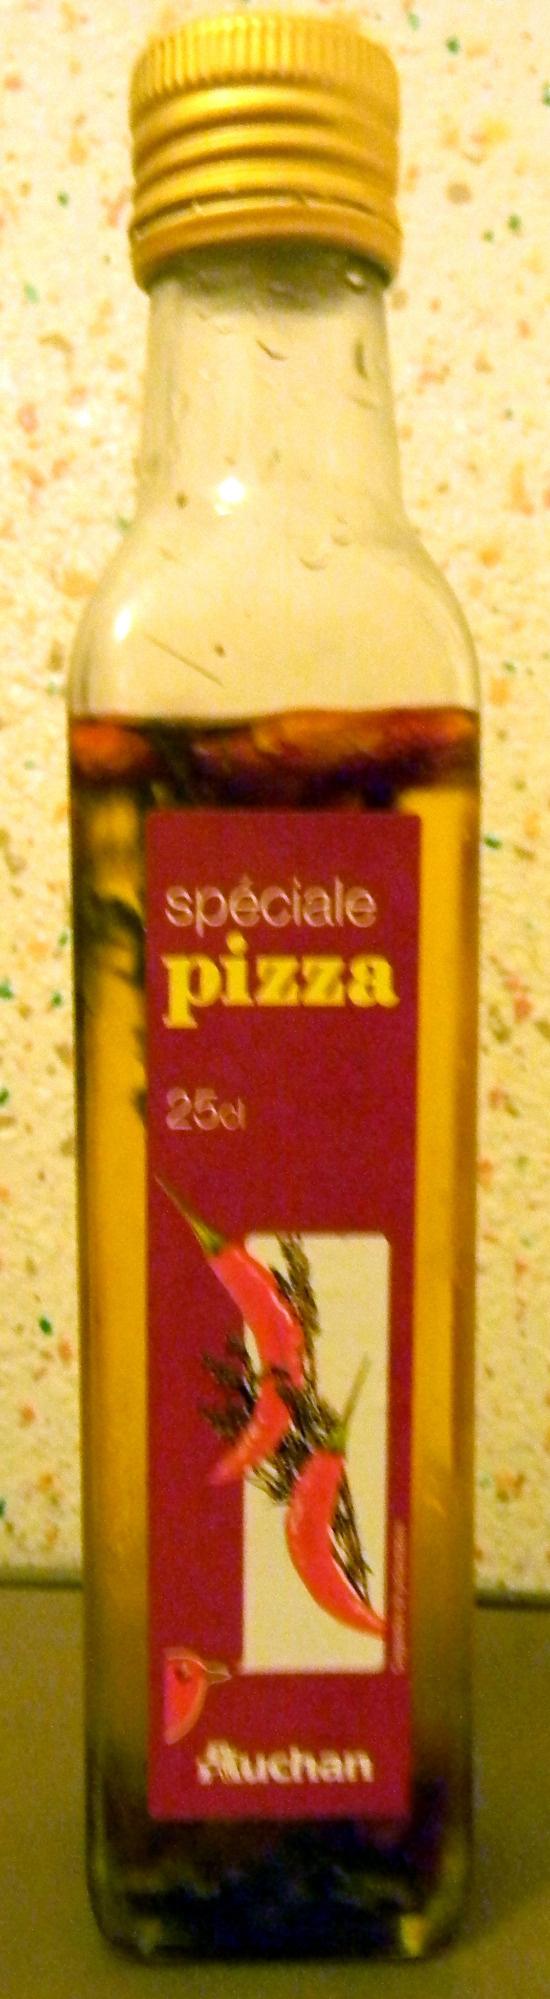 Spéciale pizza - Product